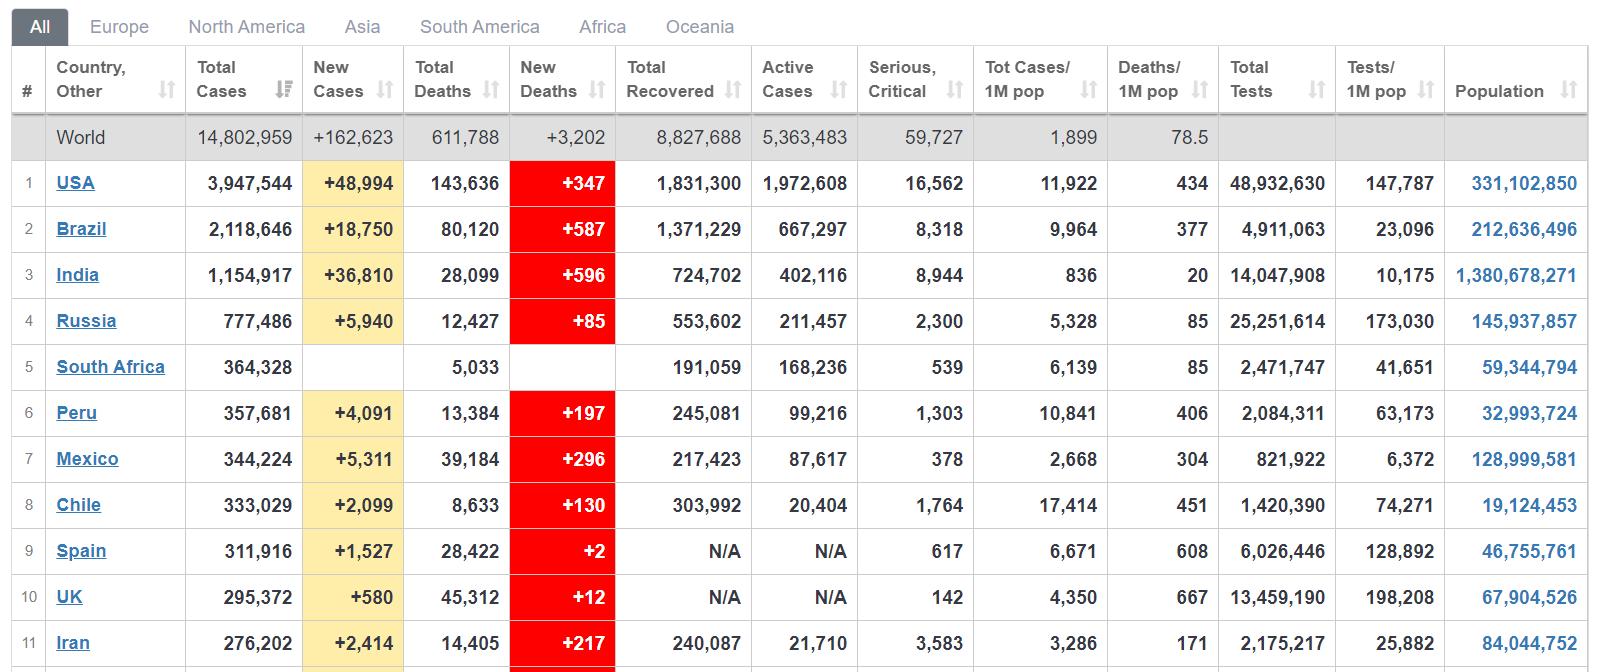 Worldometer - Global Coronavirus Table - 21 July 2020